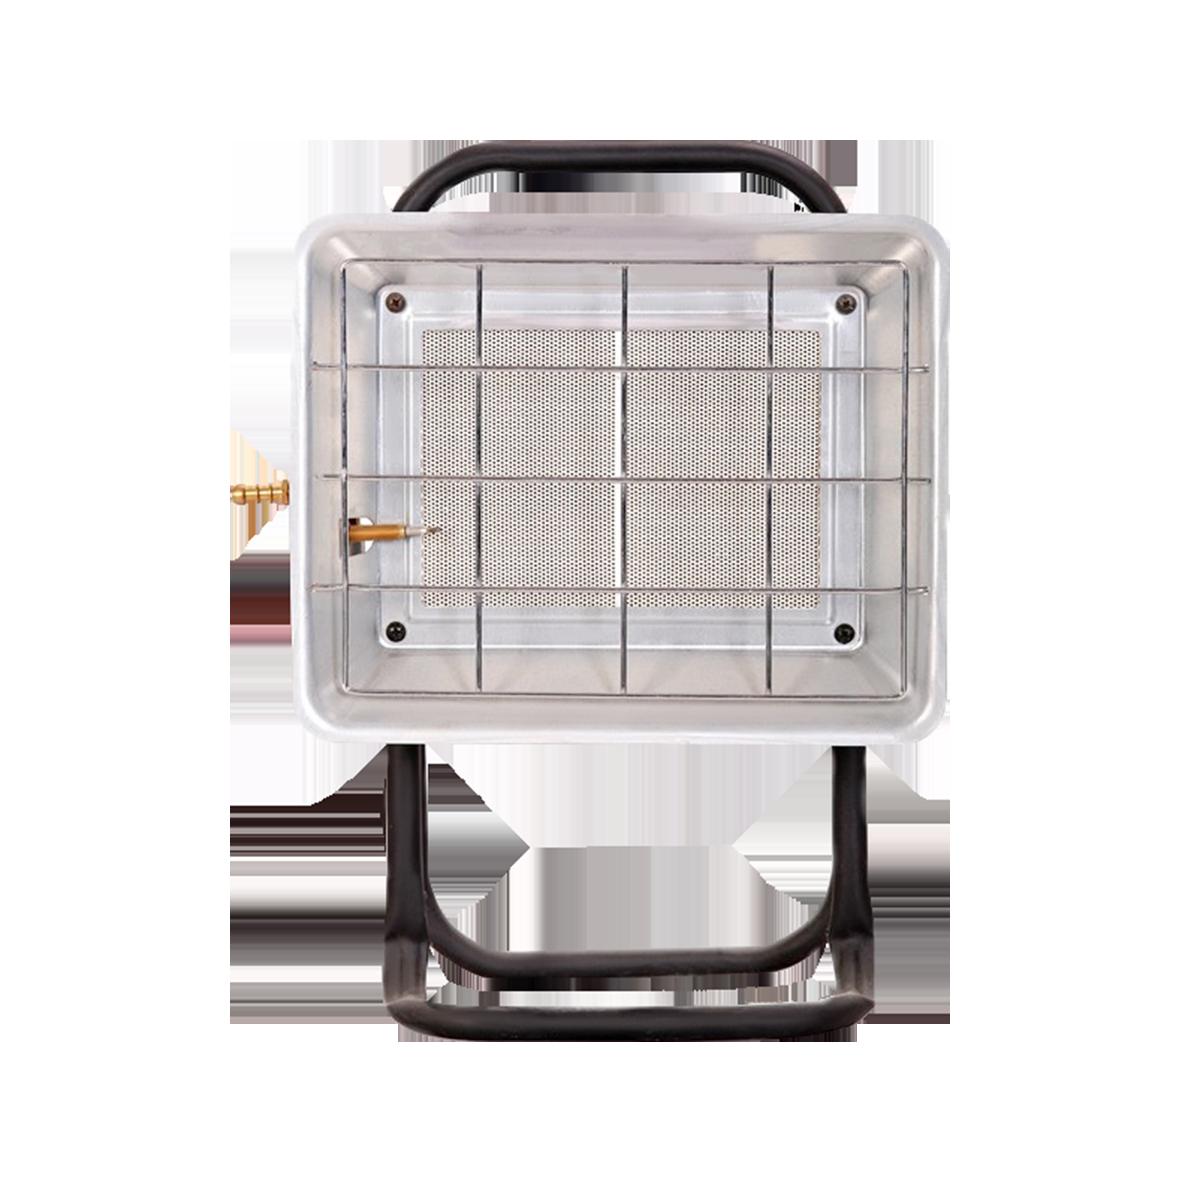 Газовый обогреватель Timberk TGH 4200 X0Газовые обогреватели<br>Удобная ручка для перемещения<br>Компактный размер<br>Регулируемая тепловая мощность<br>Легкость и удобство в транспортировке<br>Удобная ручка и подставка<br>Высококачественная керамическая панель<br>Профессиональный обогрев<br>В комплекте газовый шланг и редуктор<br><br>Тип: газовый обогреватель<br>Номинальная тепловая мощность, кВт: 2,0/4,5<br>Давление газа в редукторе, мБар: 29-30<br>Расход газа: 145/246<br>Тип топлива: газ<br>Площадь помещения: 20-45 м?